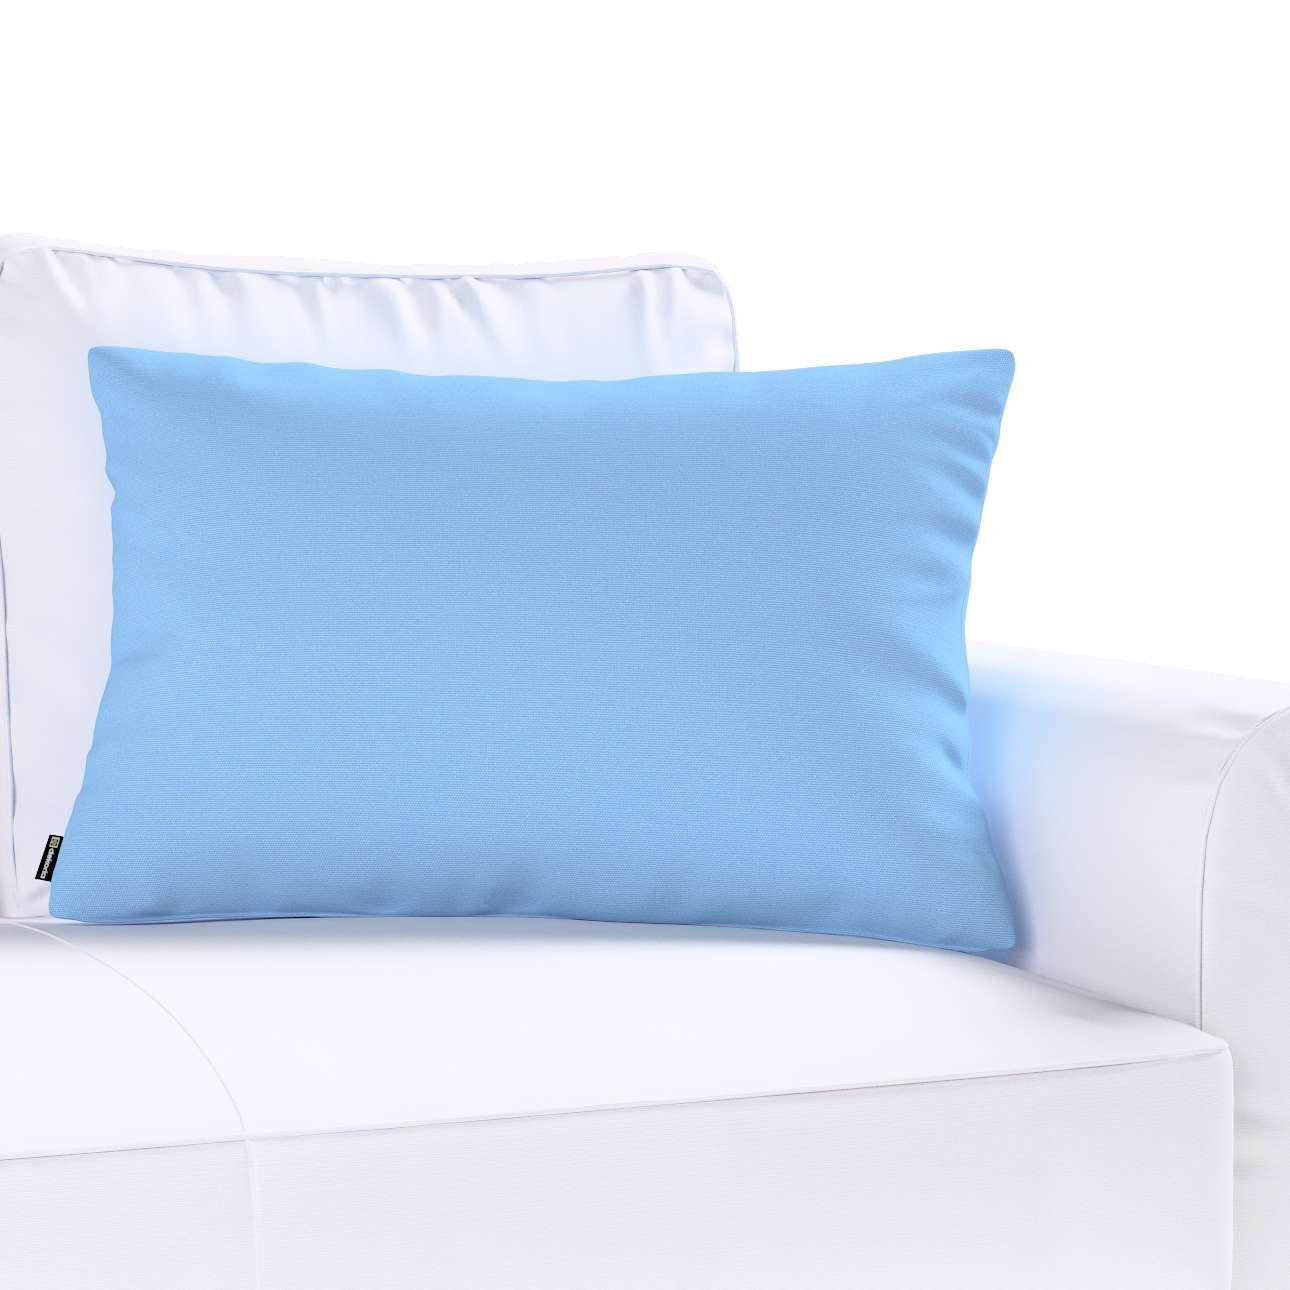 Poszewka Kinga na poduszkę prostokątną 60 x 40 cm w kolekcji Loneta, tkanina: 133-21